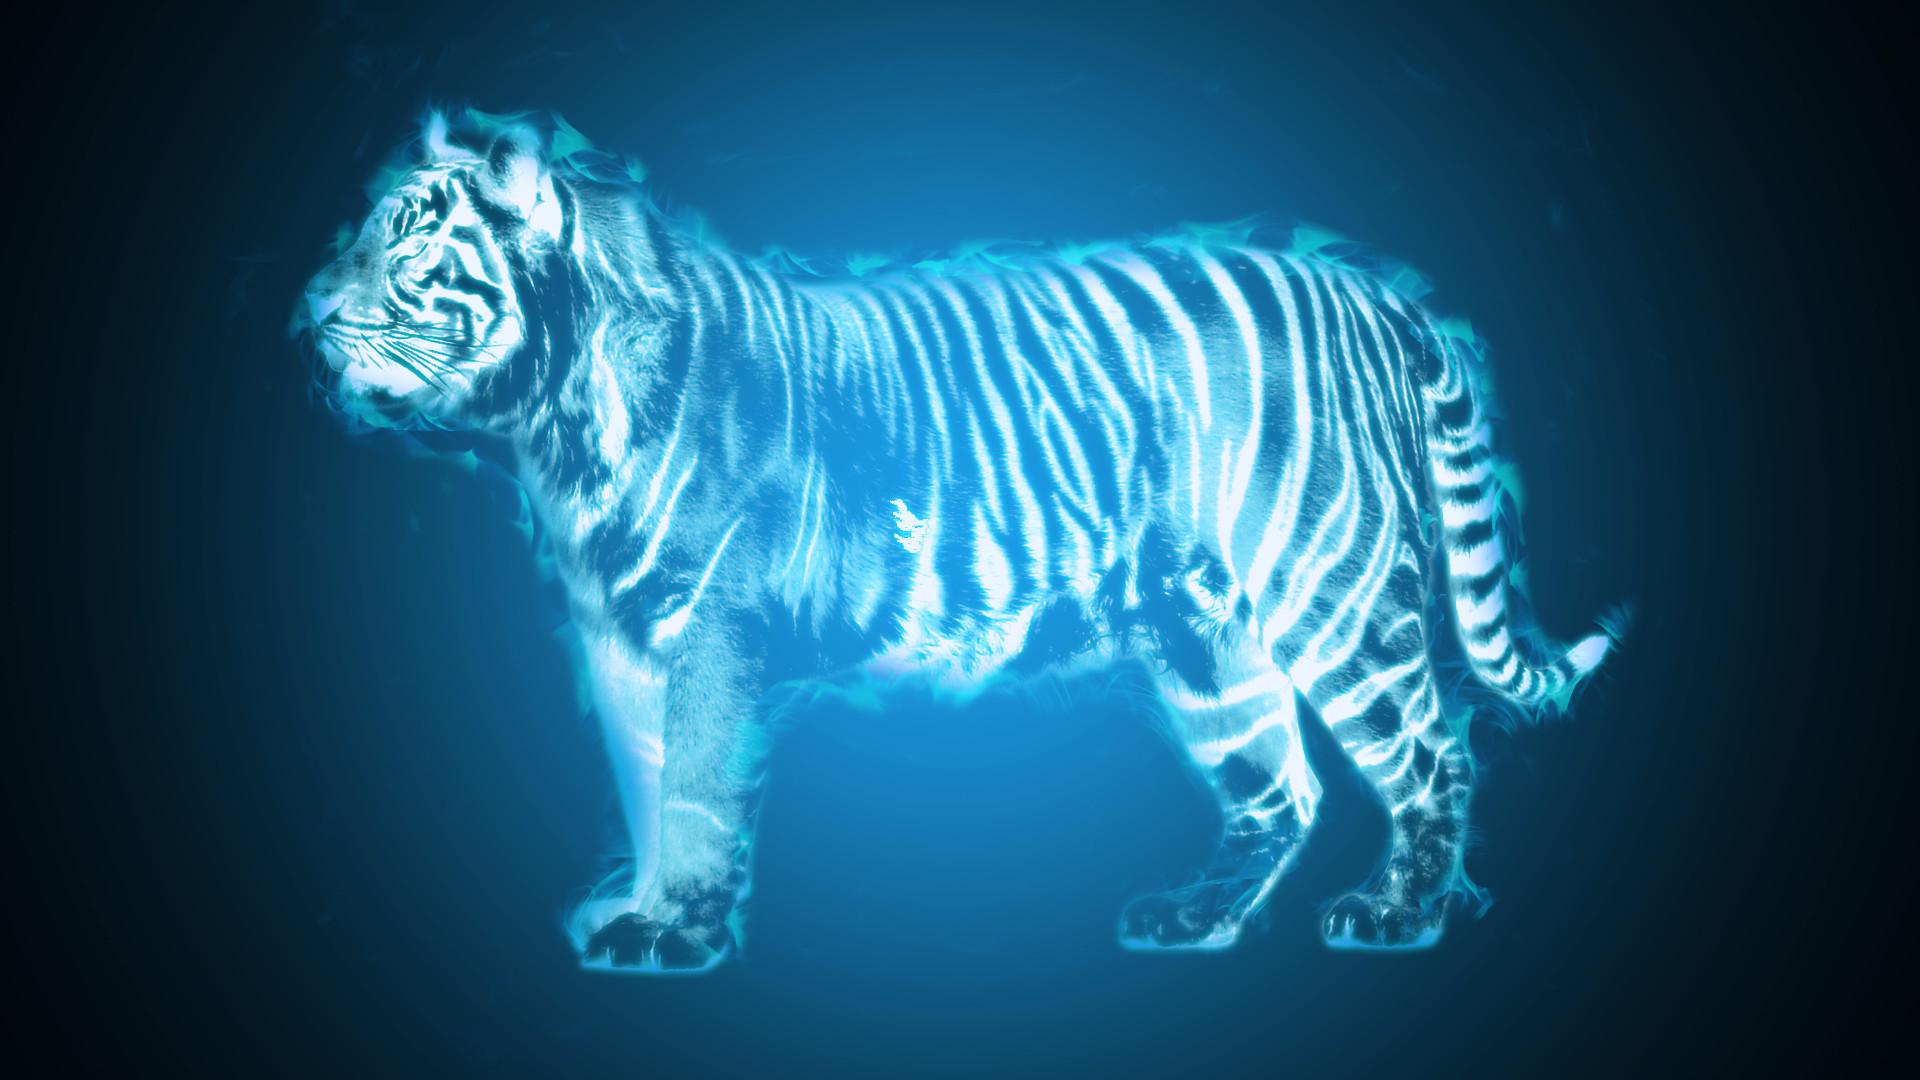 Tiger Blue Fire by Notbleedz Tiger Blue Fire by Notbleedz